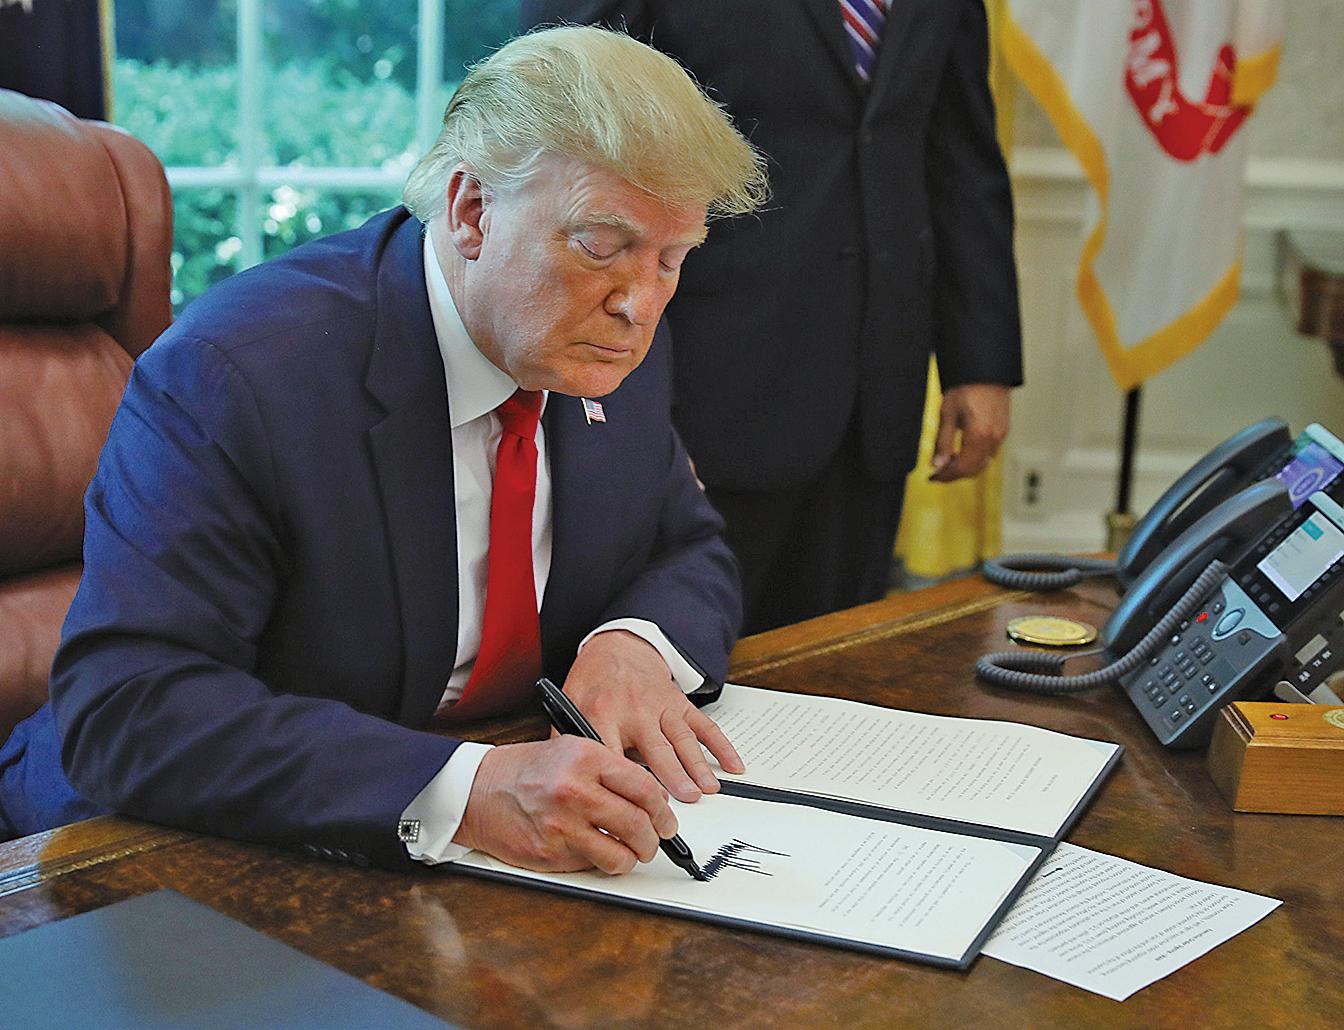 圖為2019年6月24日,特朗普簽署一項行政令來製裁伊朗最高領導人。(Getty Images)